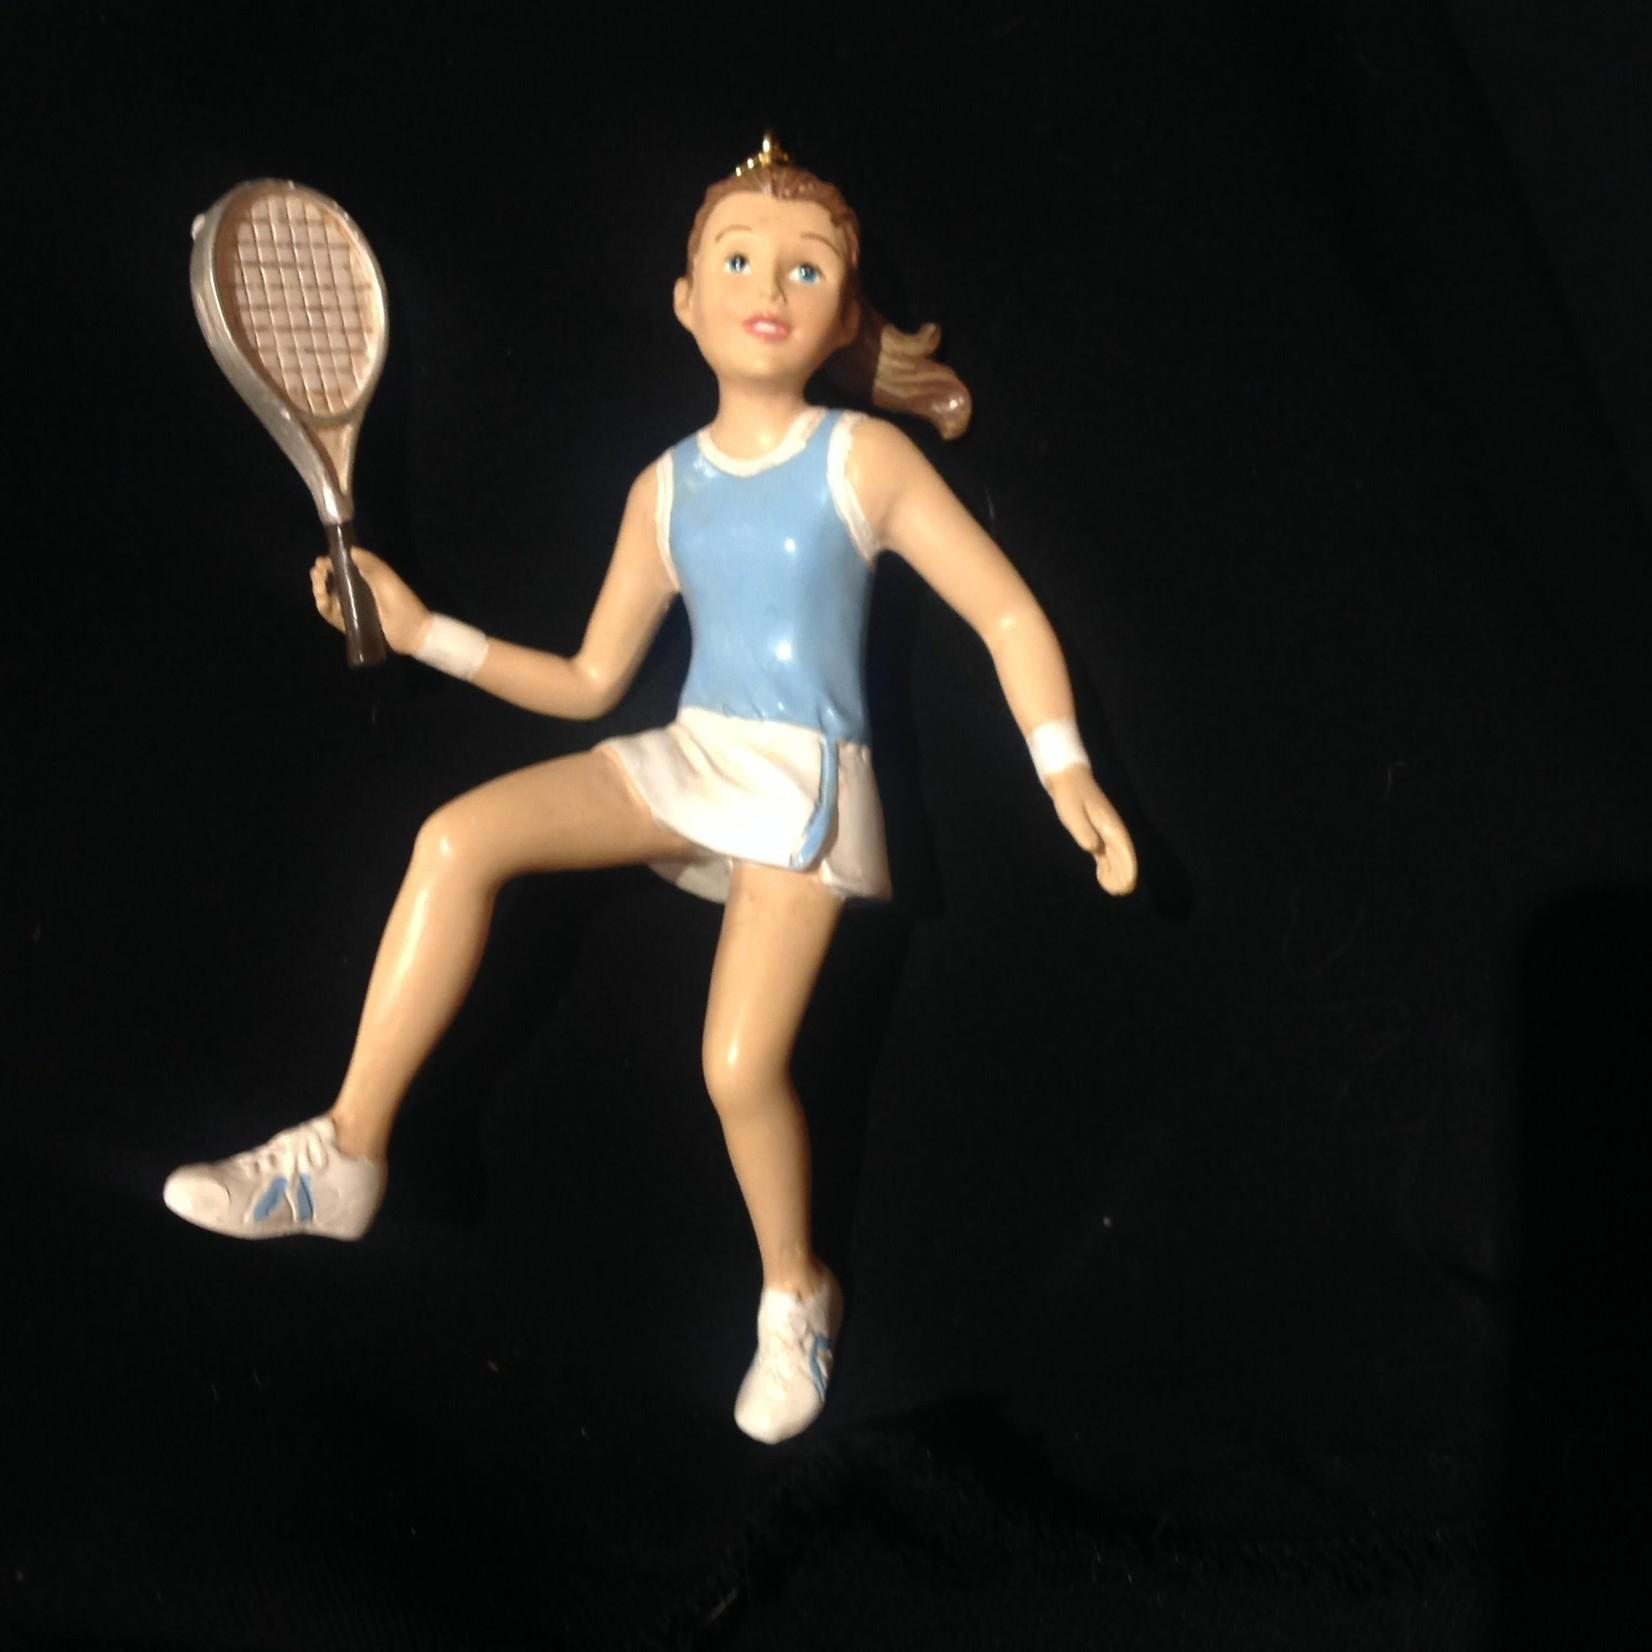 Girl Tennis Orn